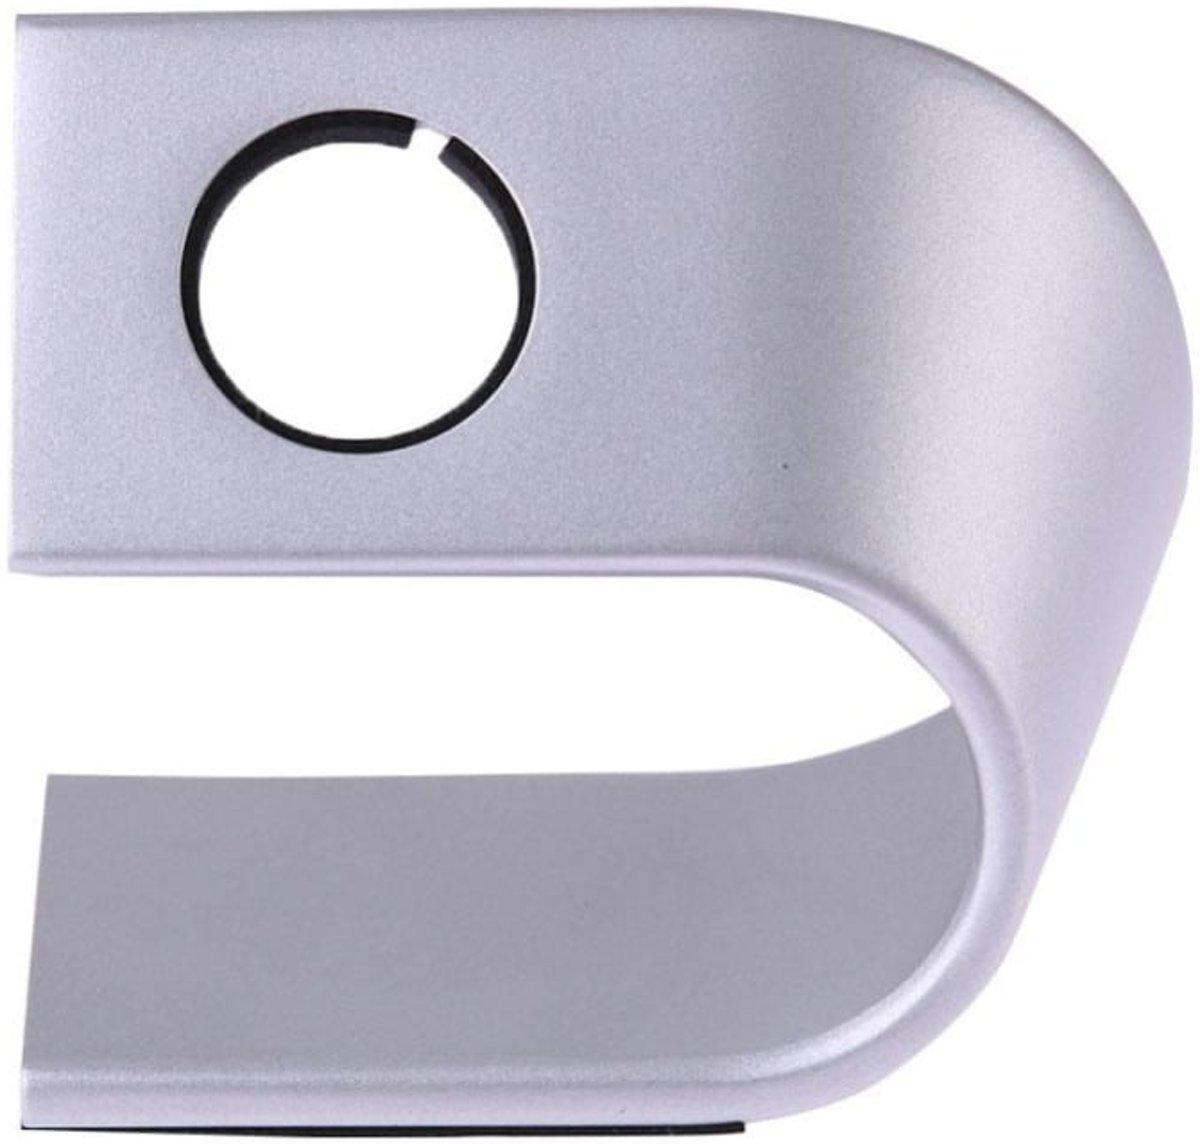 Apple watch stand zilver voor Apple Watch serie 1/2/3 kopen